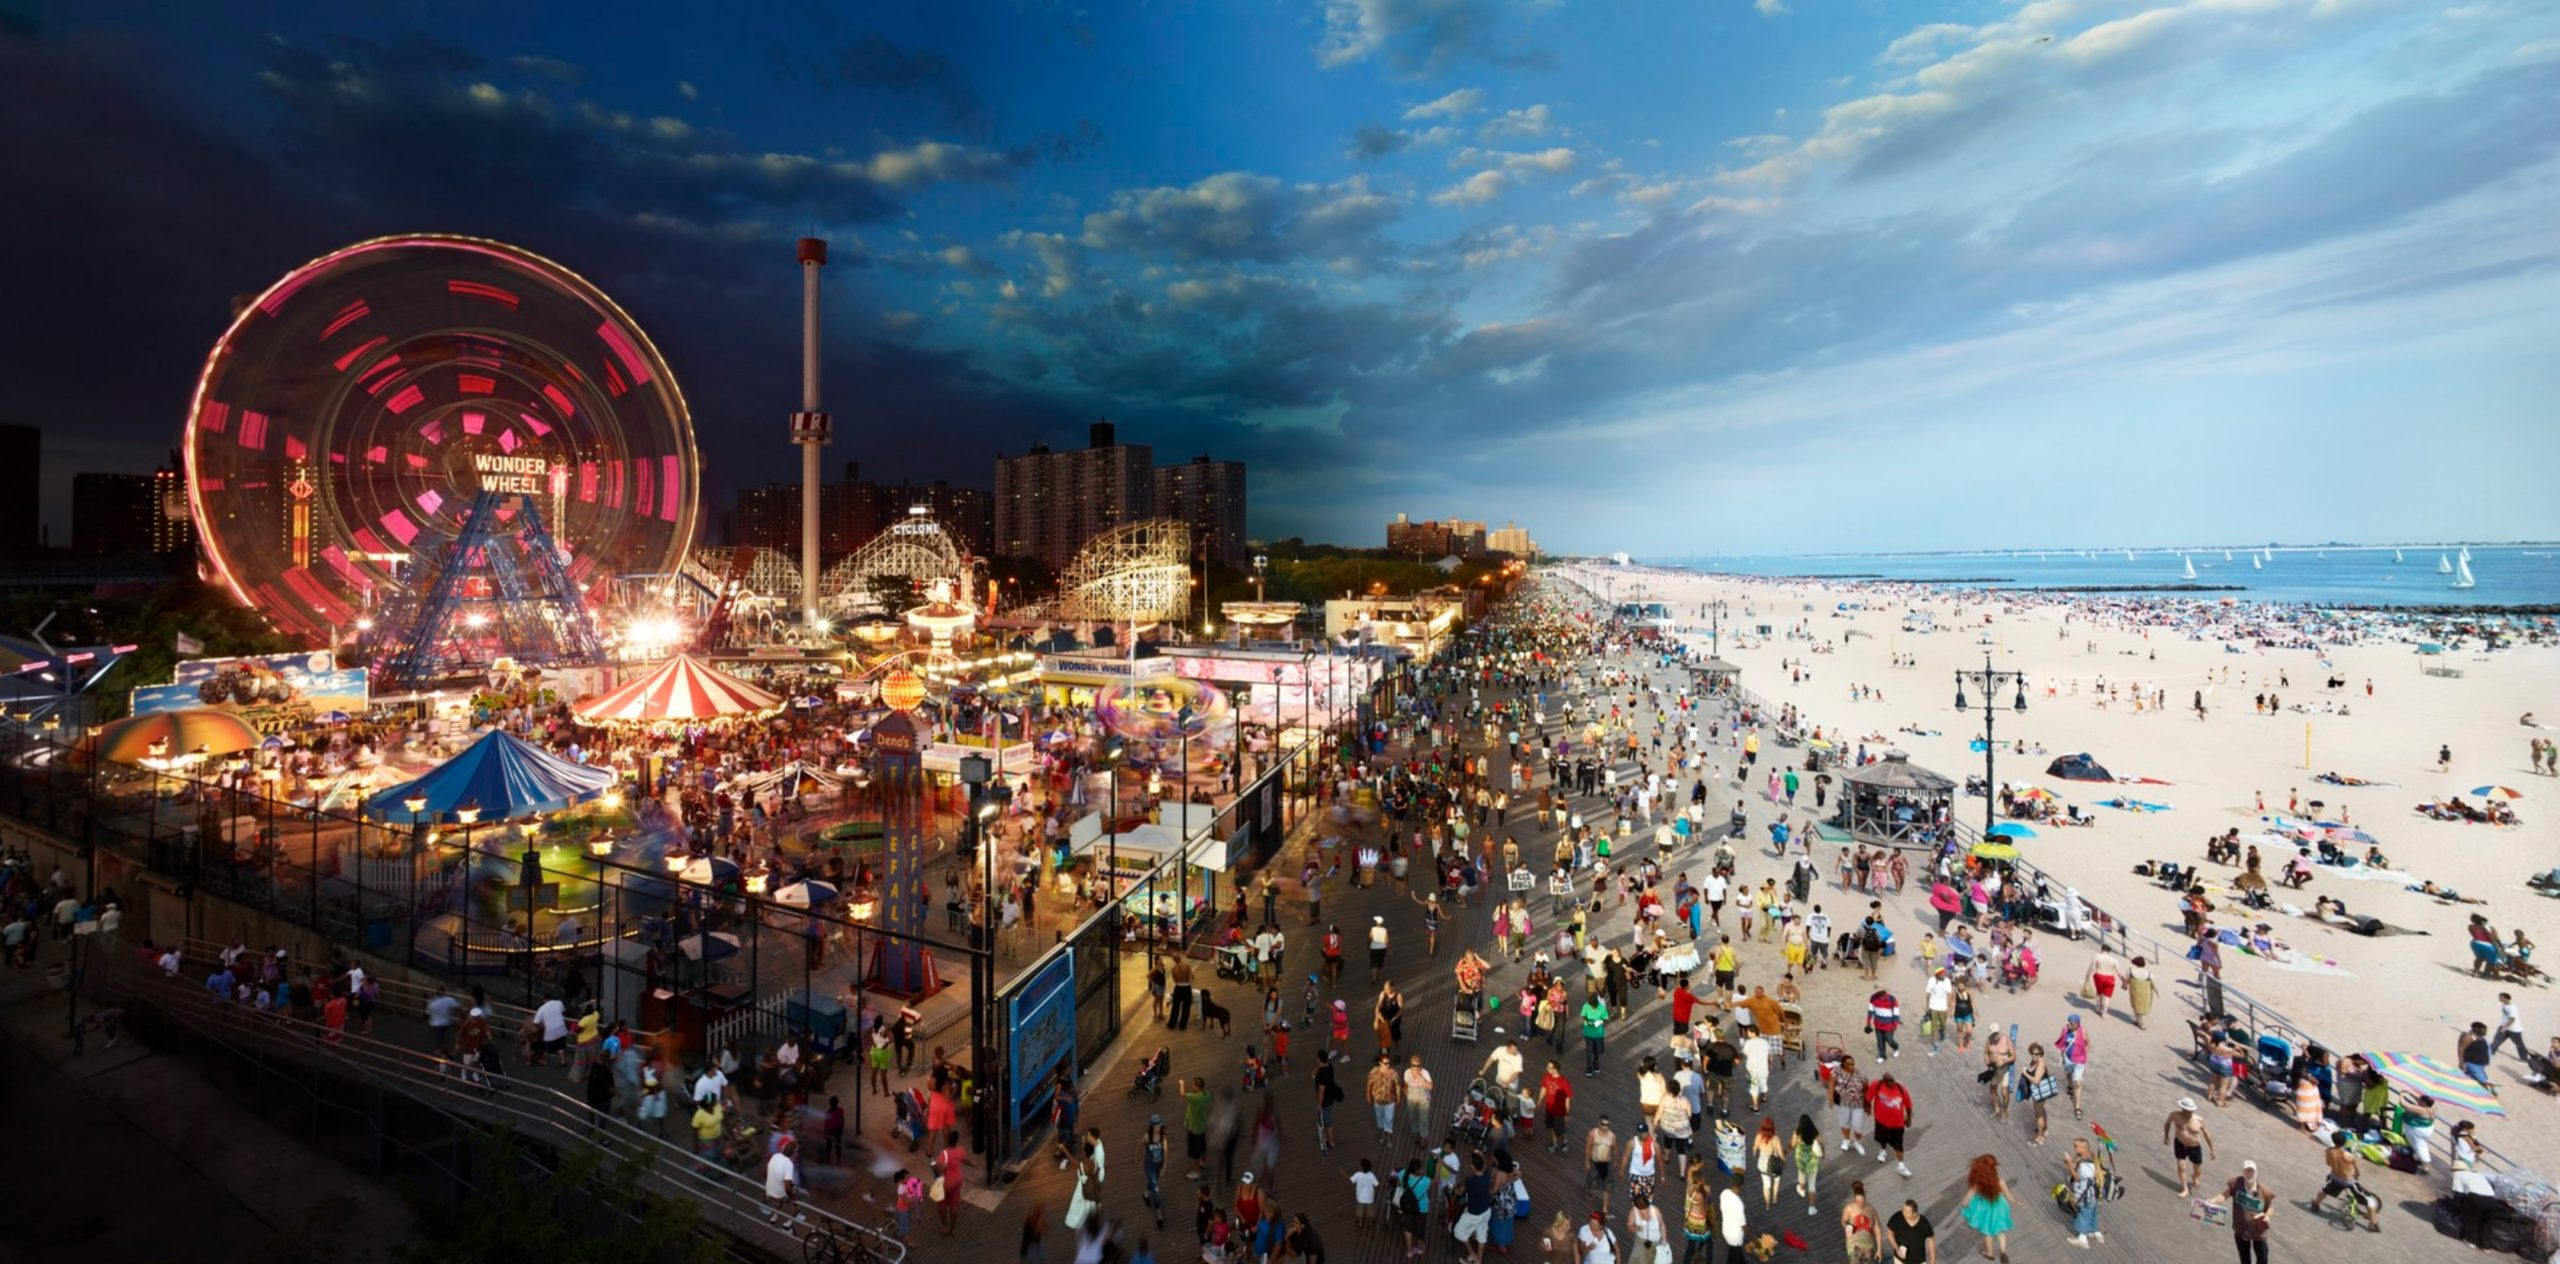 Coney Island Boardwalk, Brooklyn, Day to Night